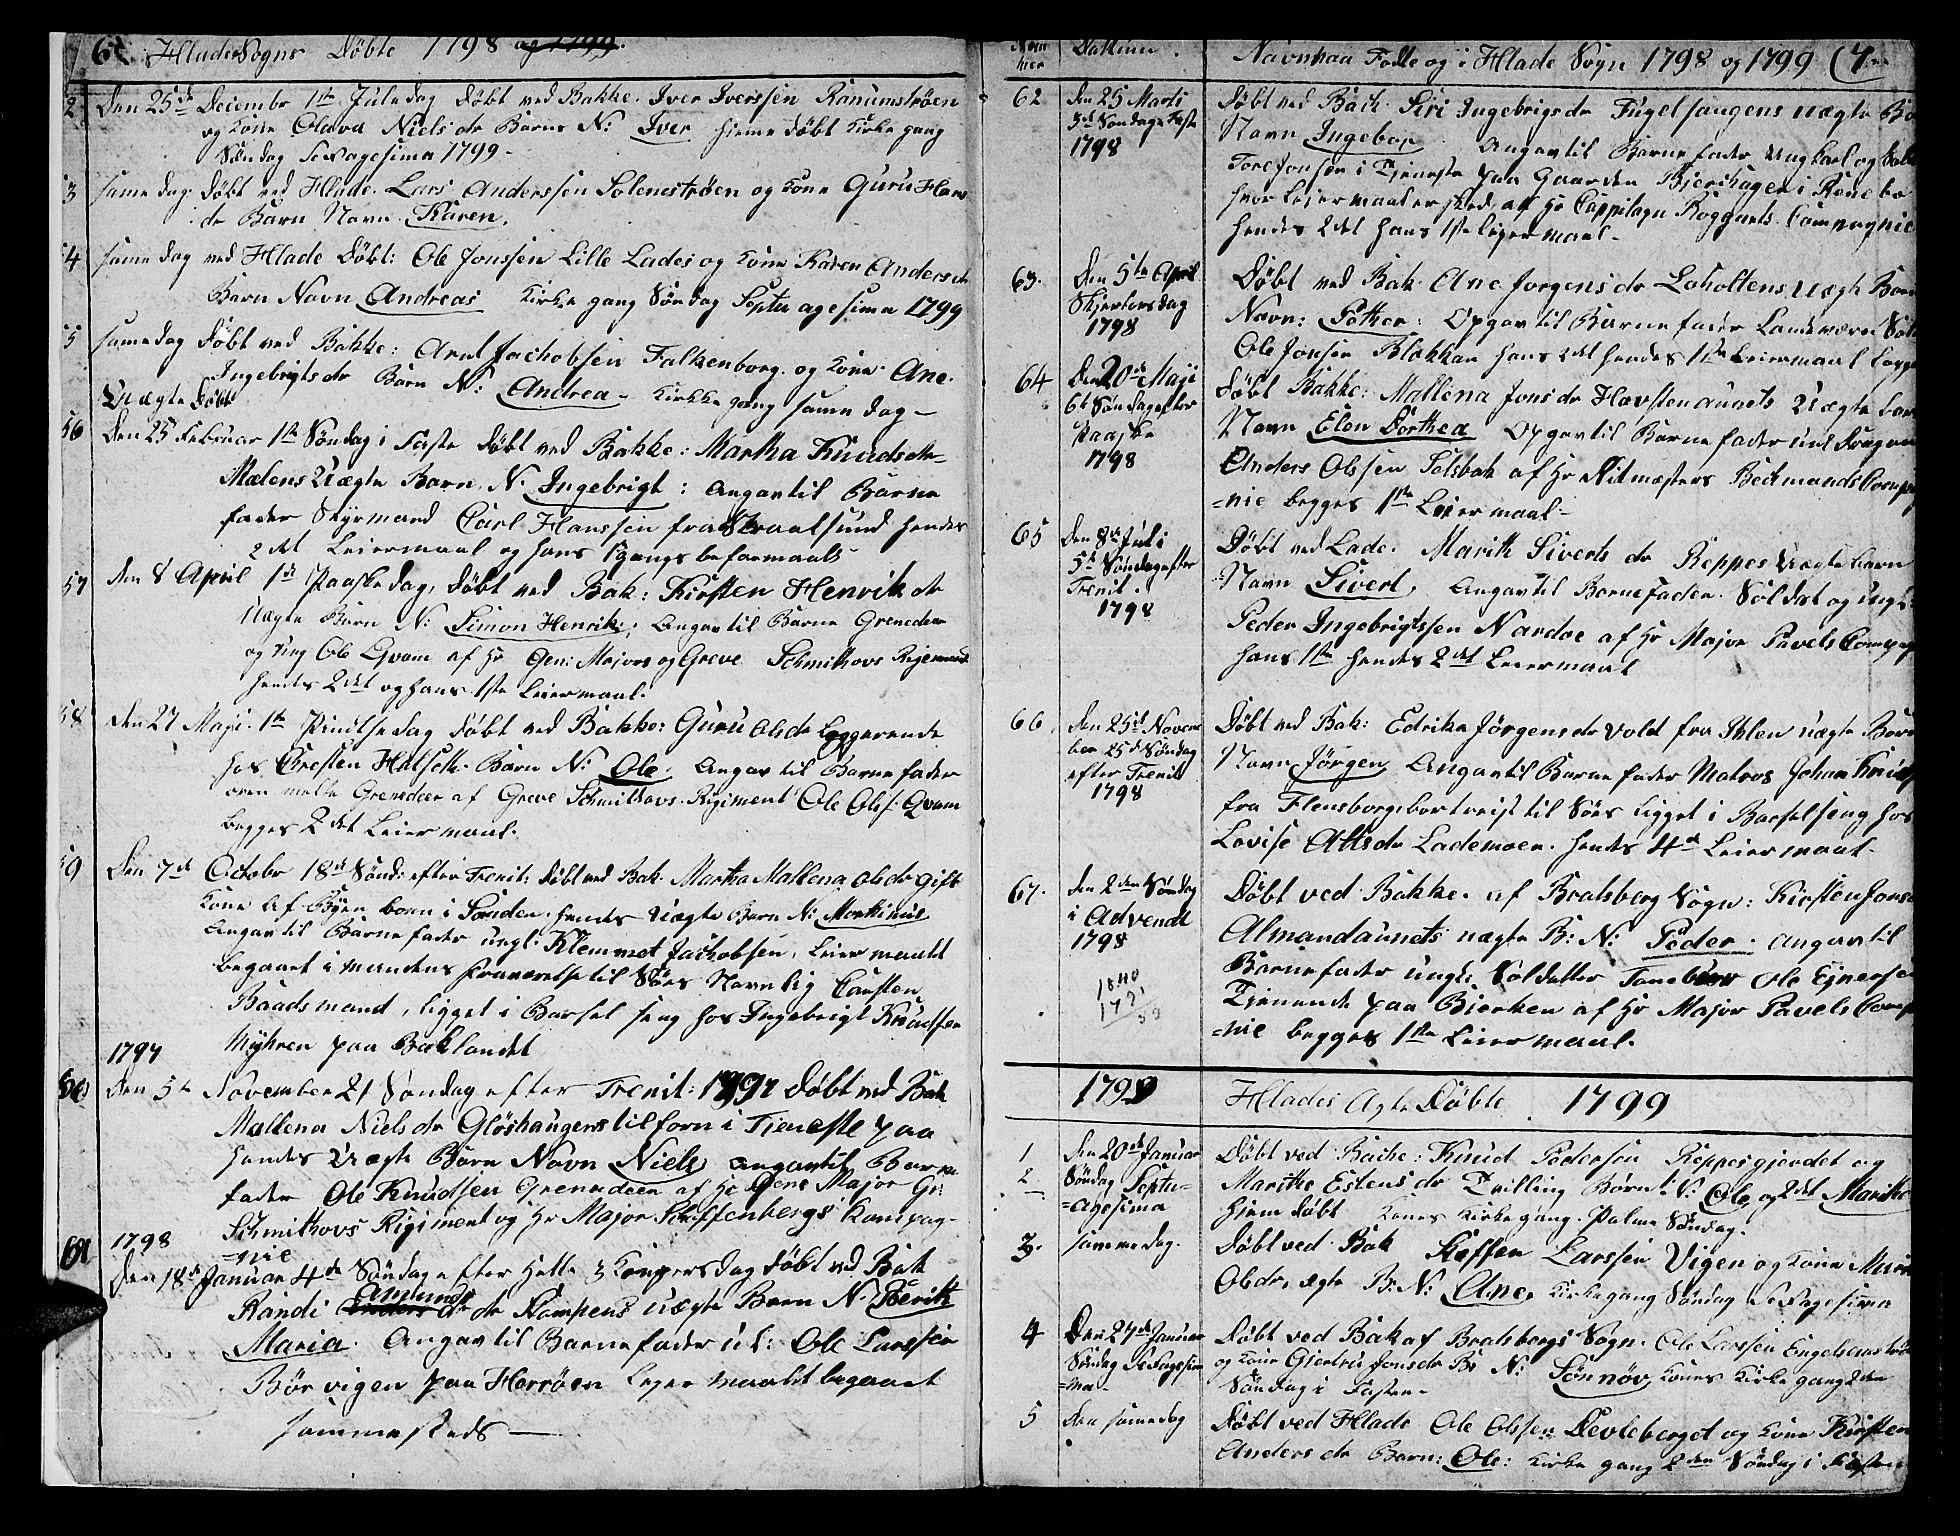 SAT, Ministerialprotokoller, klokkerbøker og fødselsregistre - Sør-Trøndelag, 606/L0306: Klokkerbok nr. 606C02, 1797-1829, s. 6-7